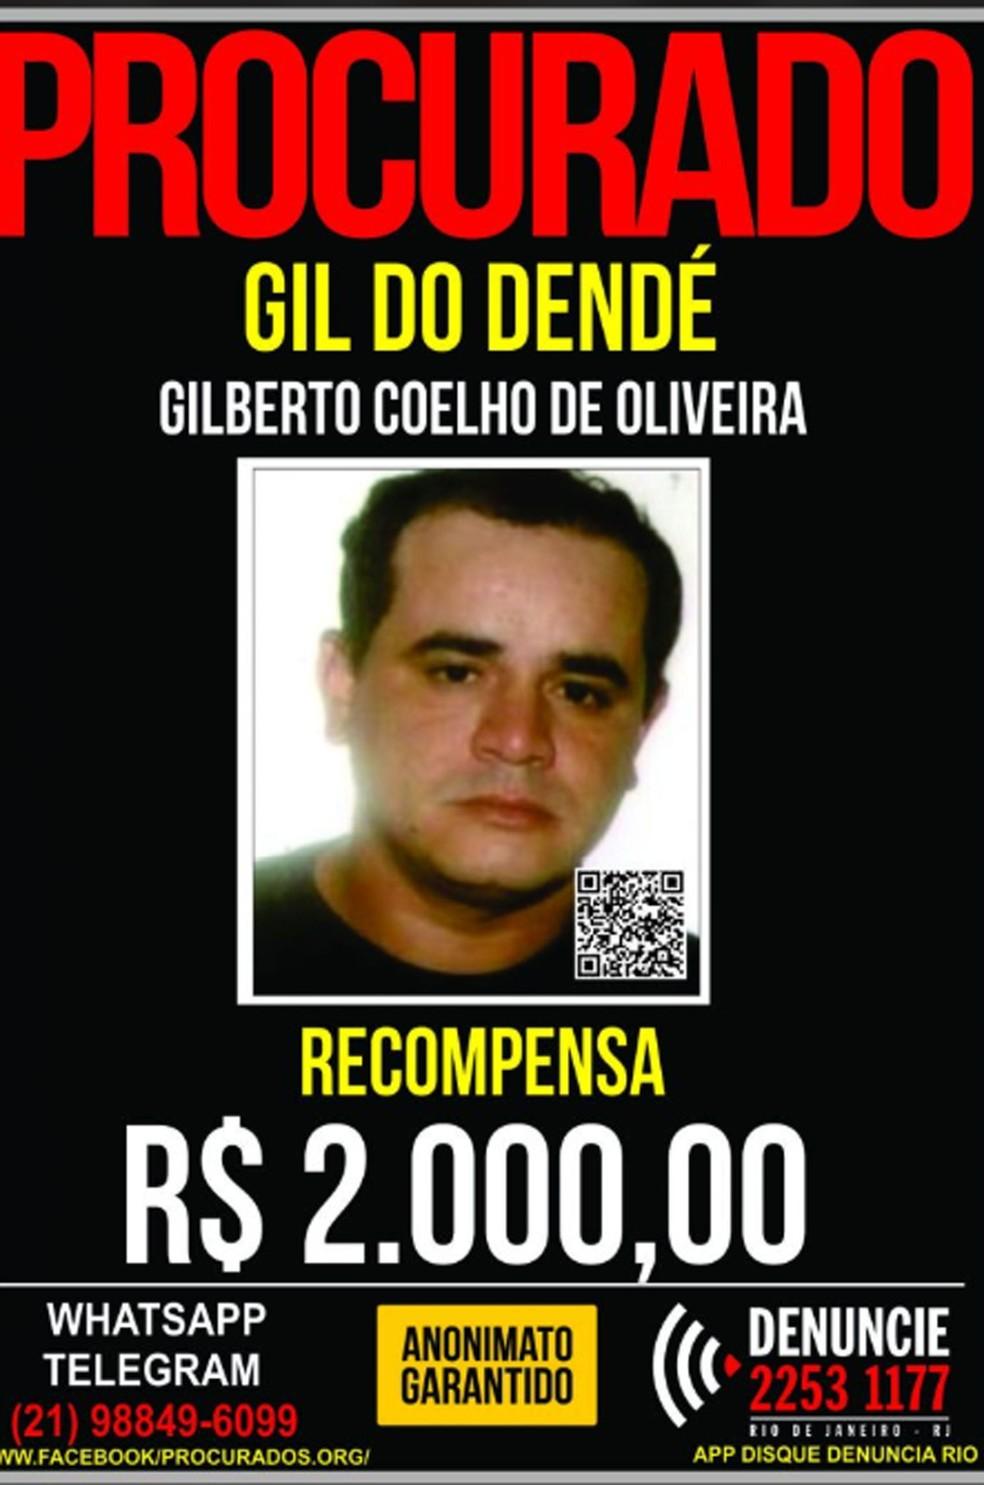 Gilberto Coelho de Oliveira, o Gil, atuava como chefe do tráfico do Morro do Dendê — Foto: Reprodução / Portal dos Procurados